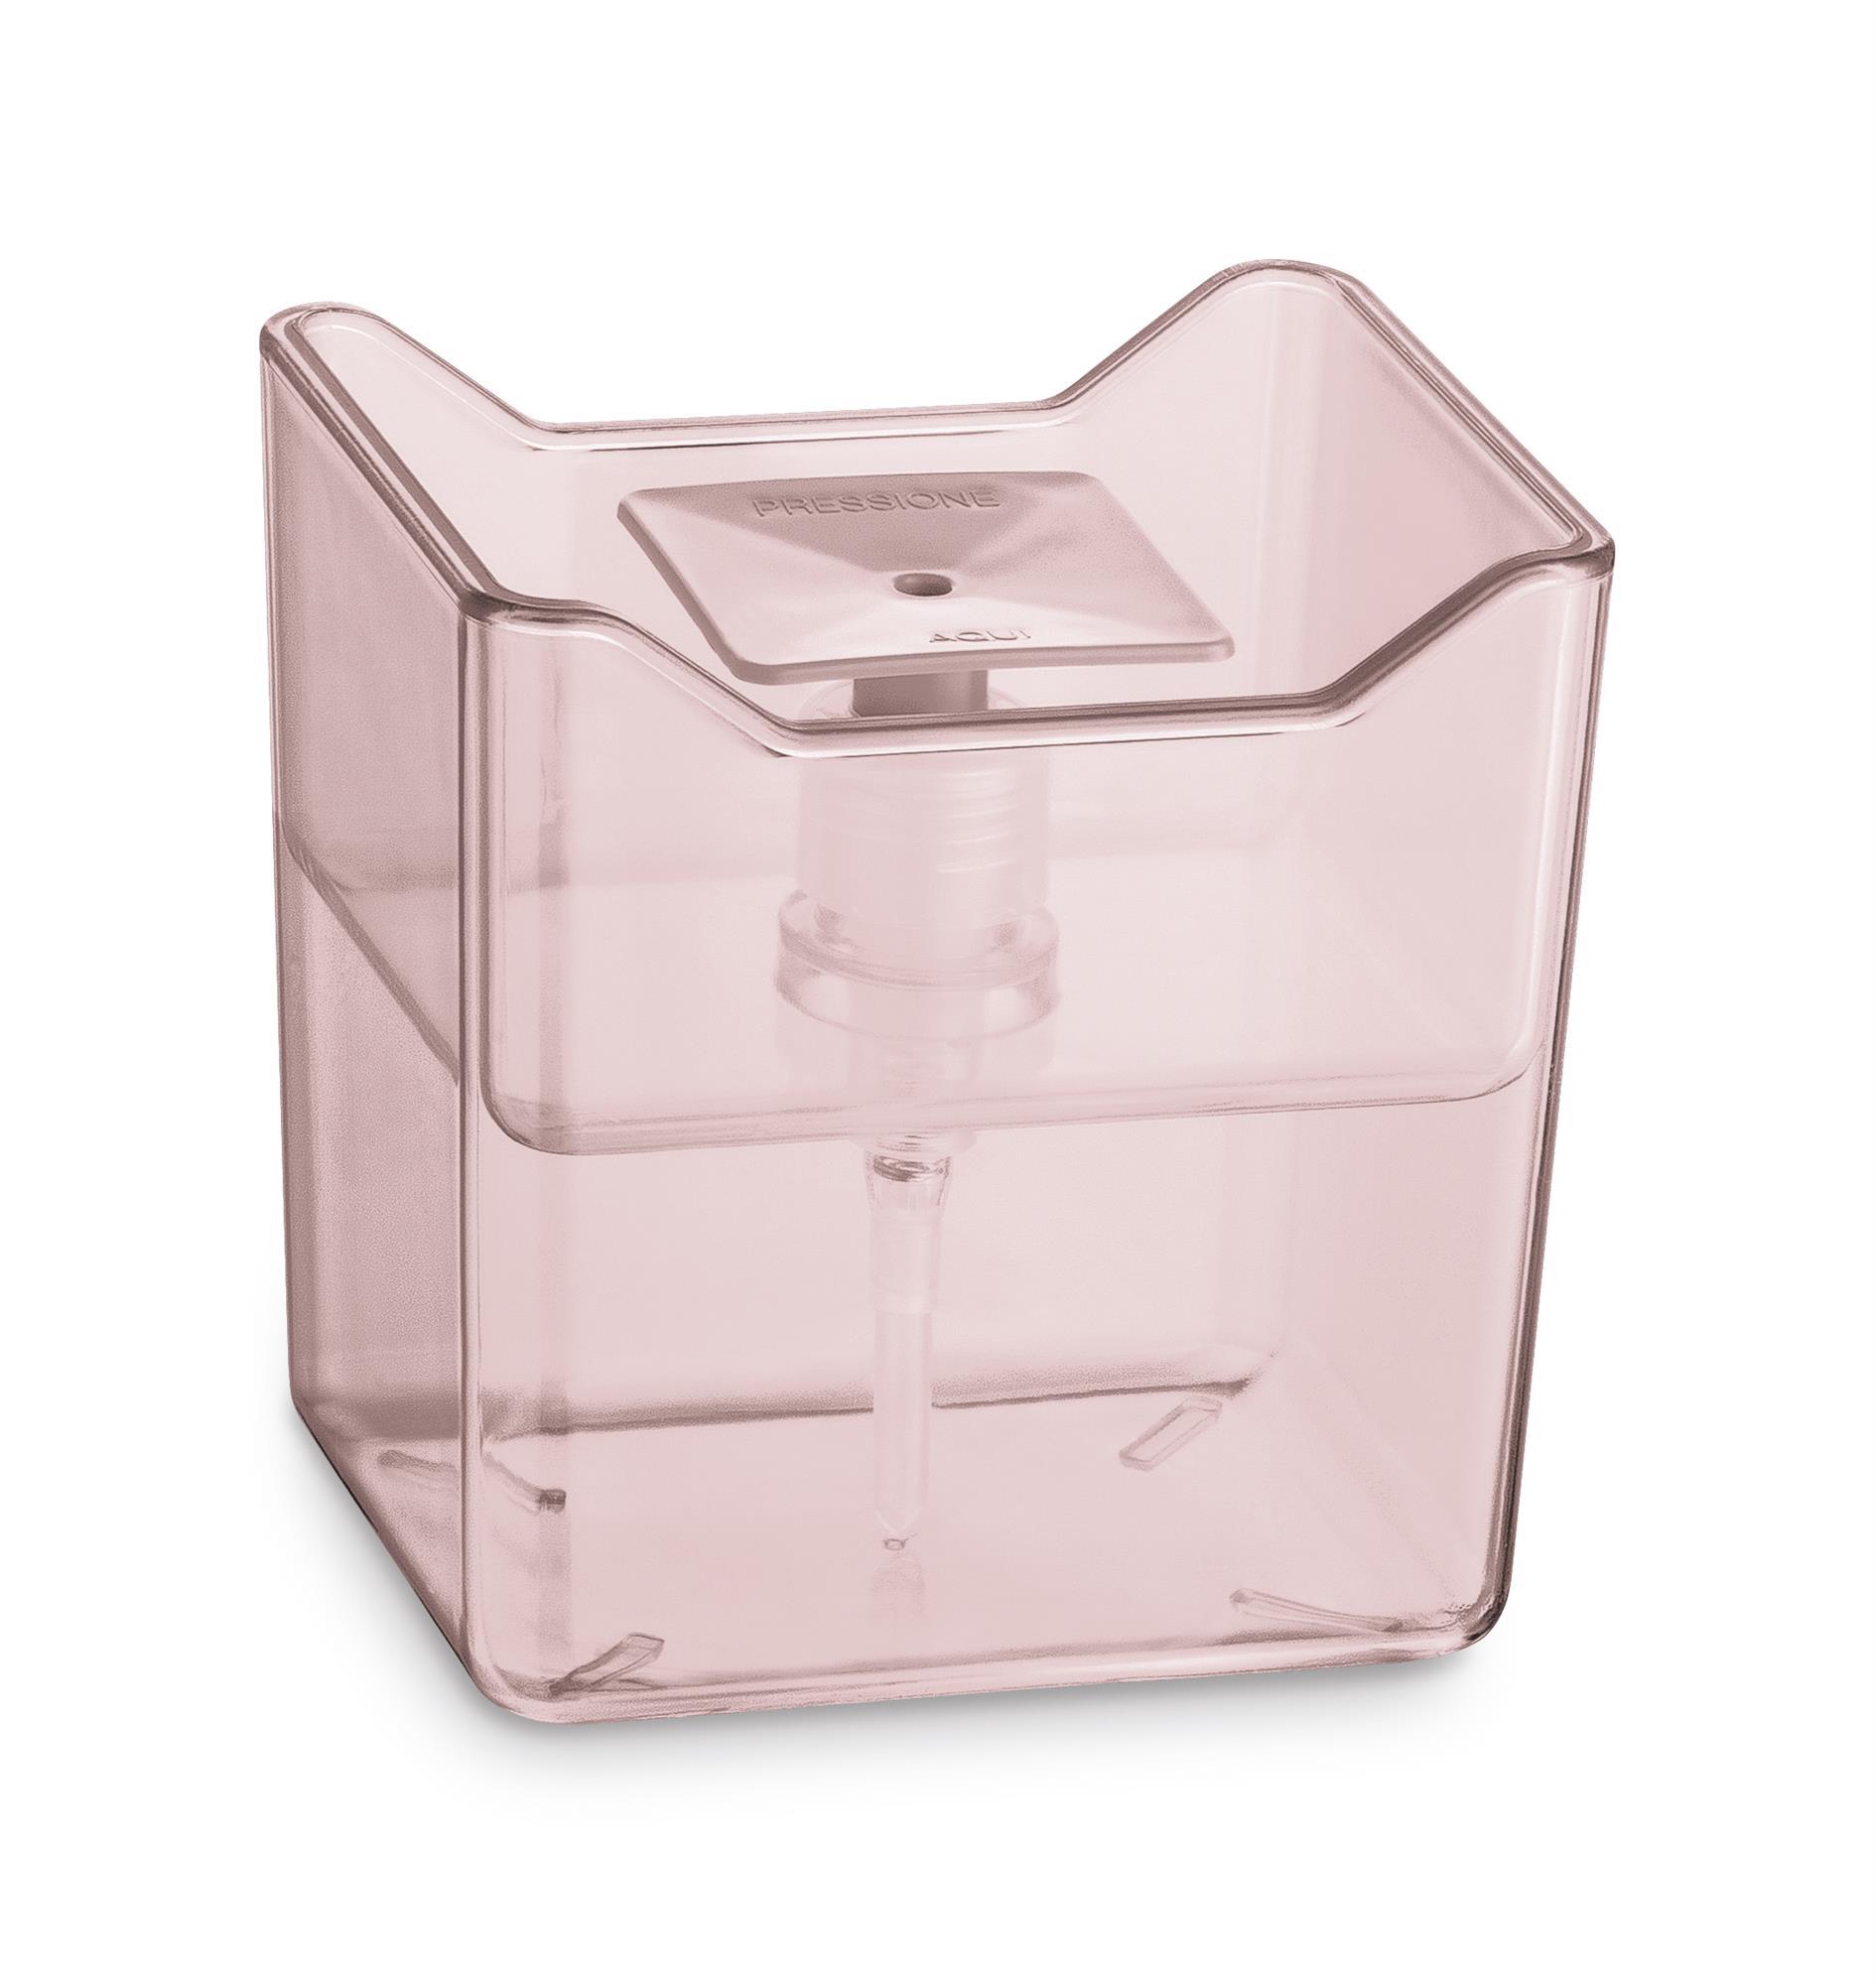 Dispenser Porta Detergente Vision UZ Vermelho